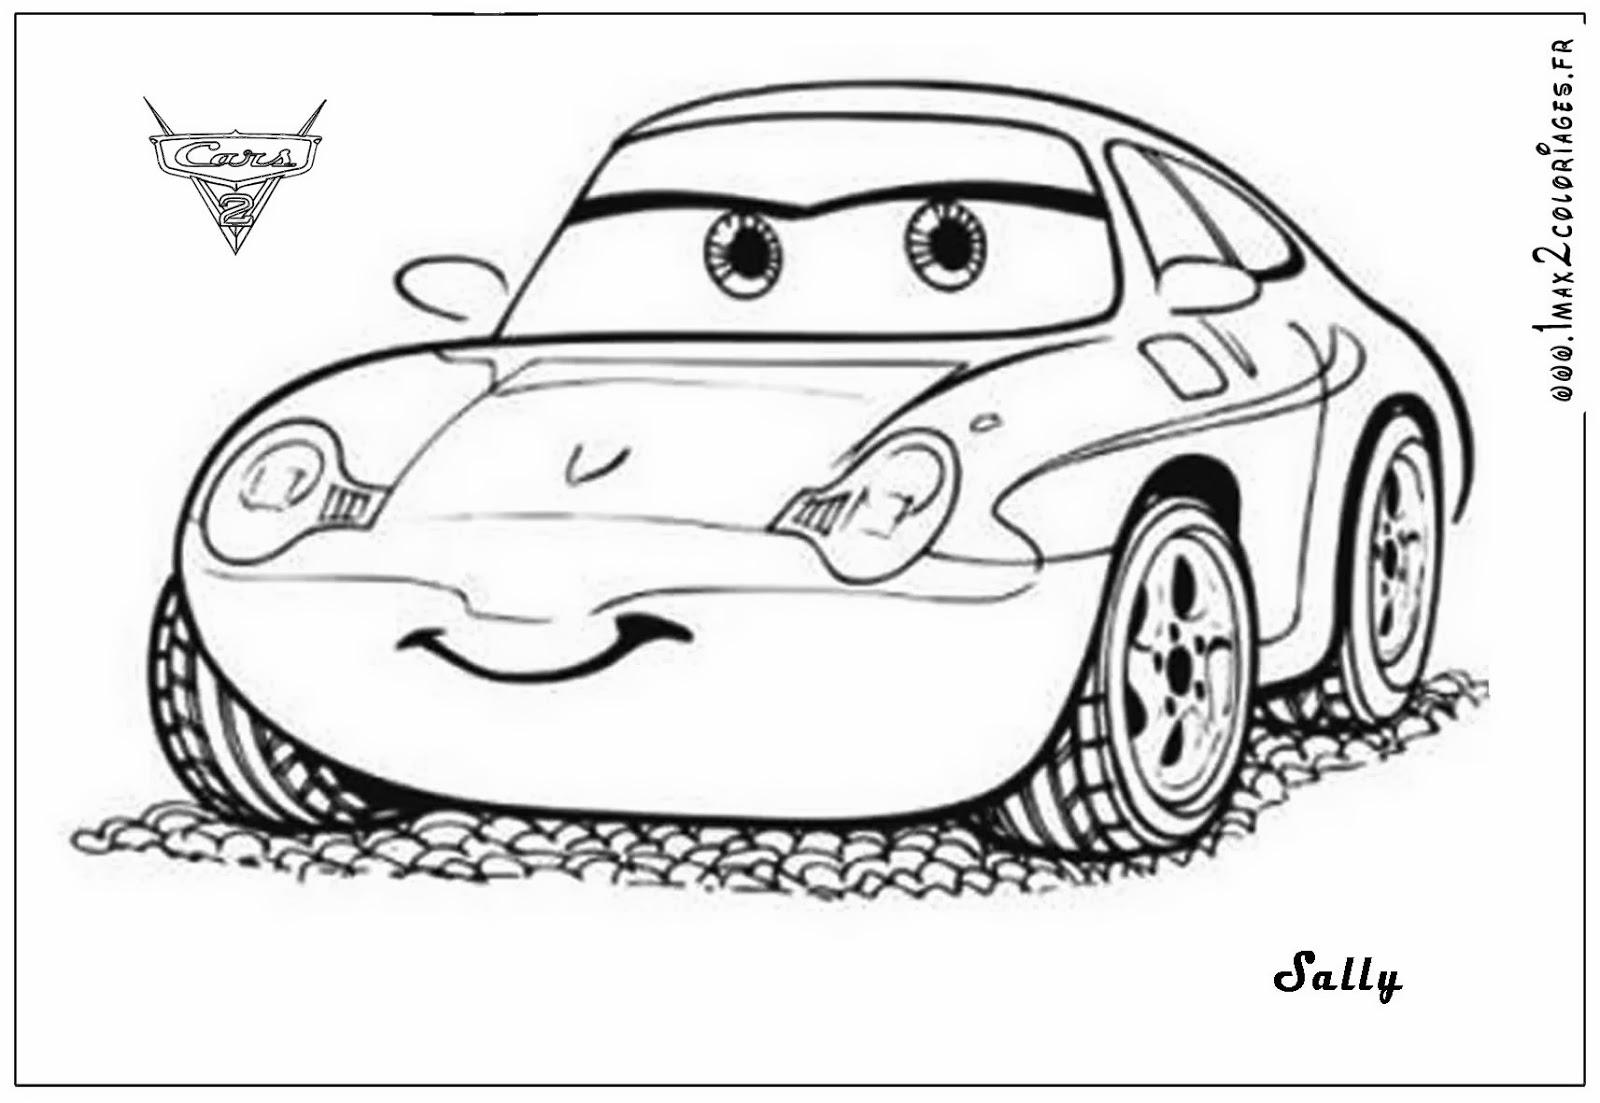 Coloriage Cars Flash Mcqueen - Les Beaux Dessins De dedans Dessin A Imprimer Gratuit Cars